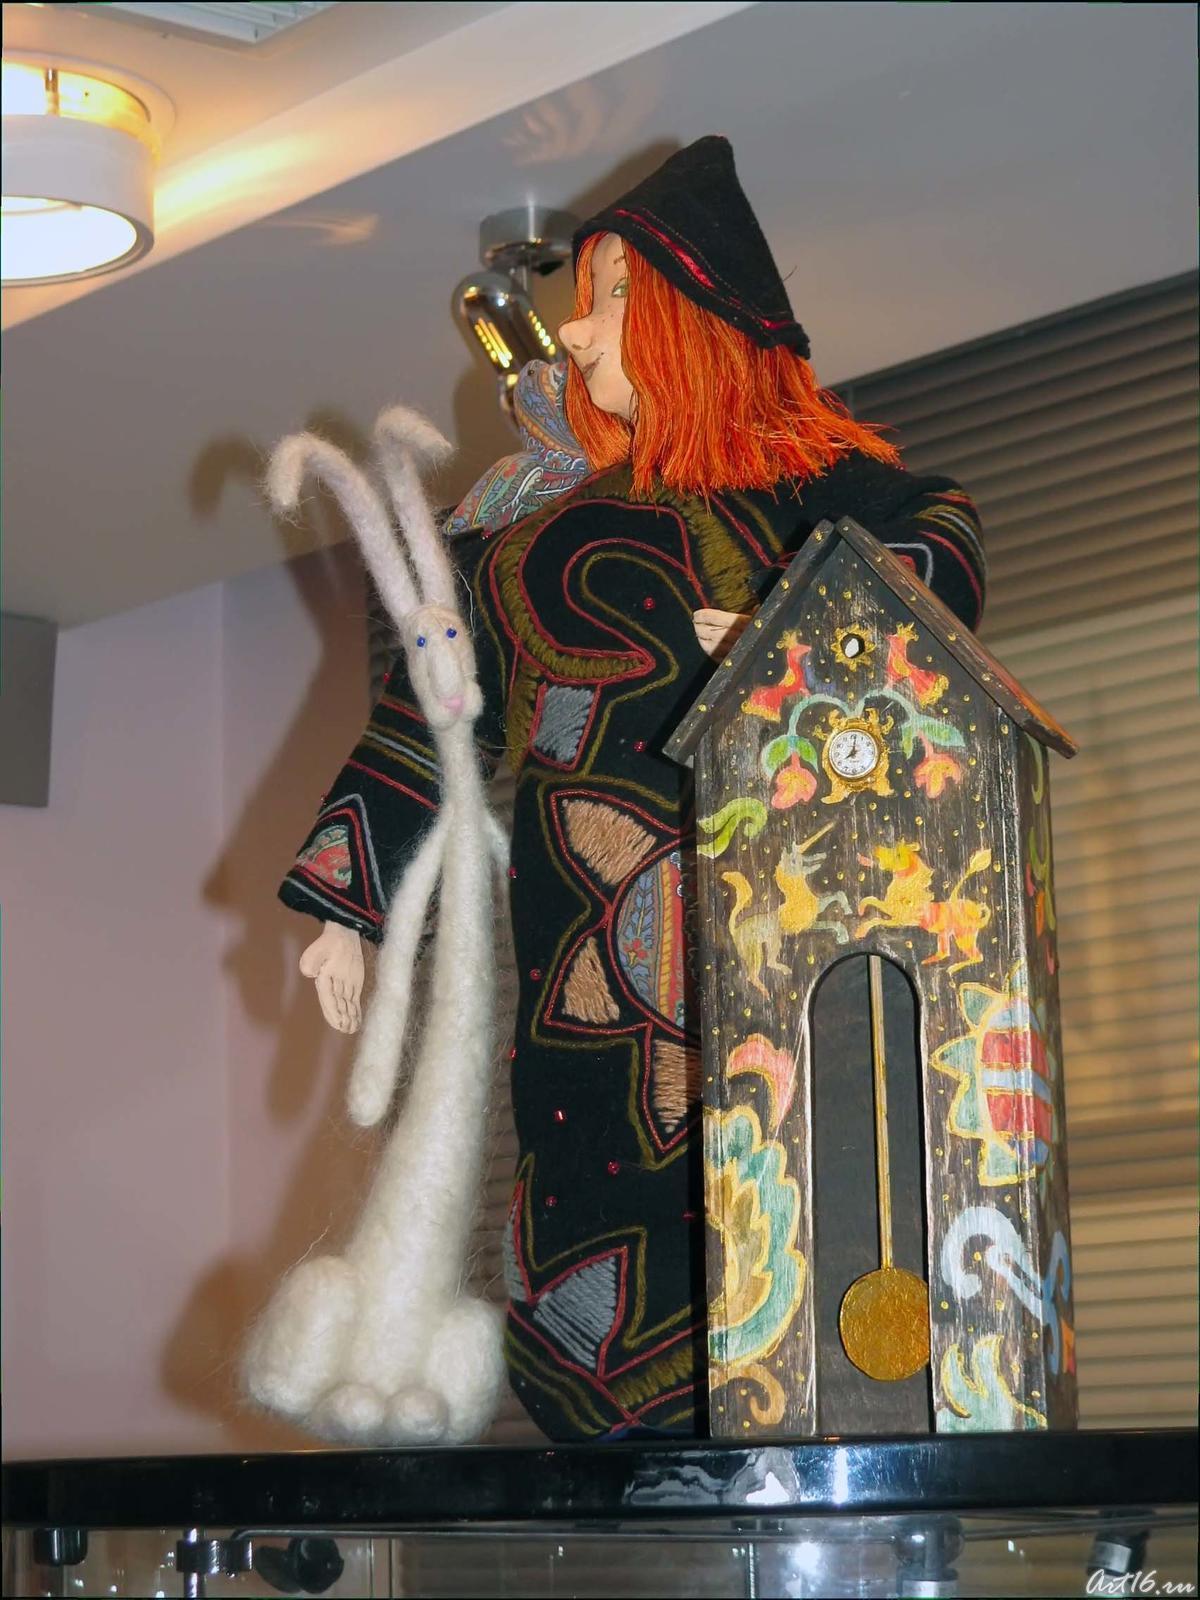 Фото №50880. Выставка мастеров творческого объединения ''Волшебная лавка''